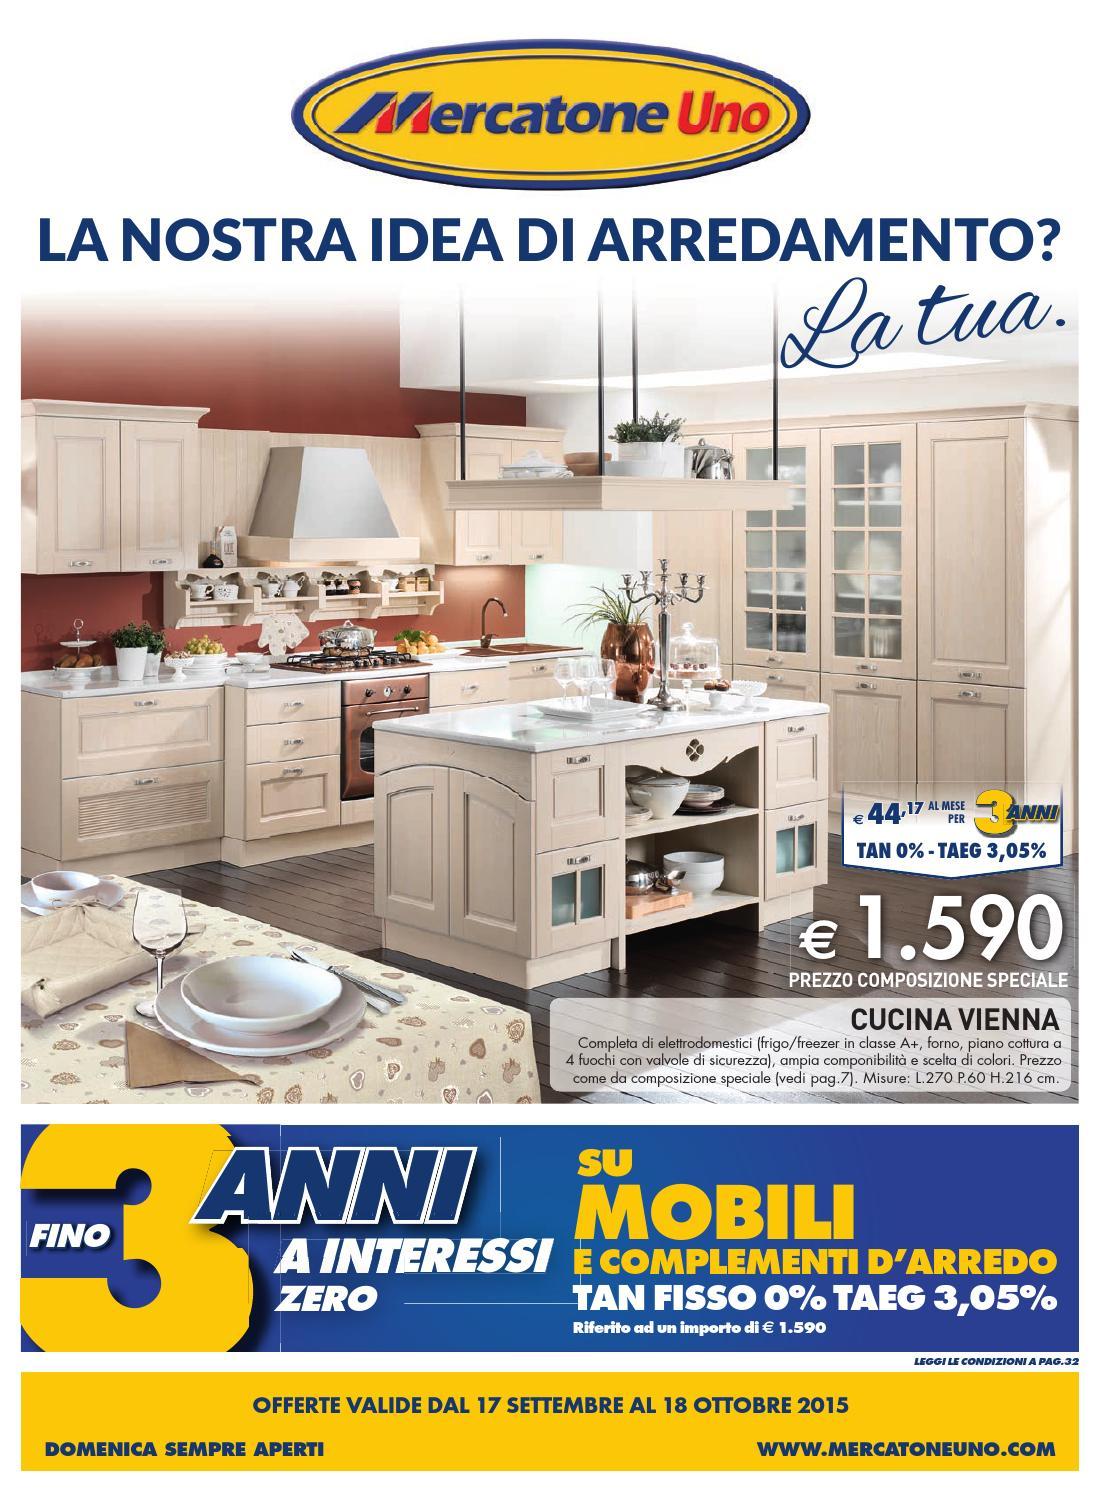 Mercatoneuno catalogo 17settembre 18ottobre2015 by - Cucine mercatone uno catalogo ...